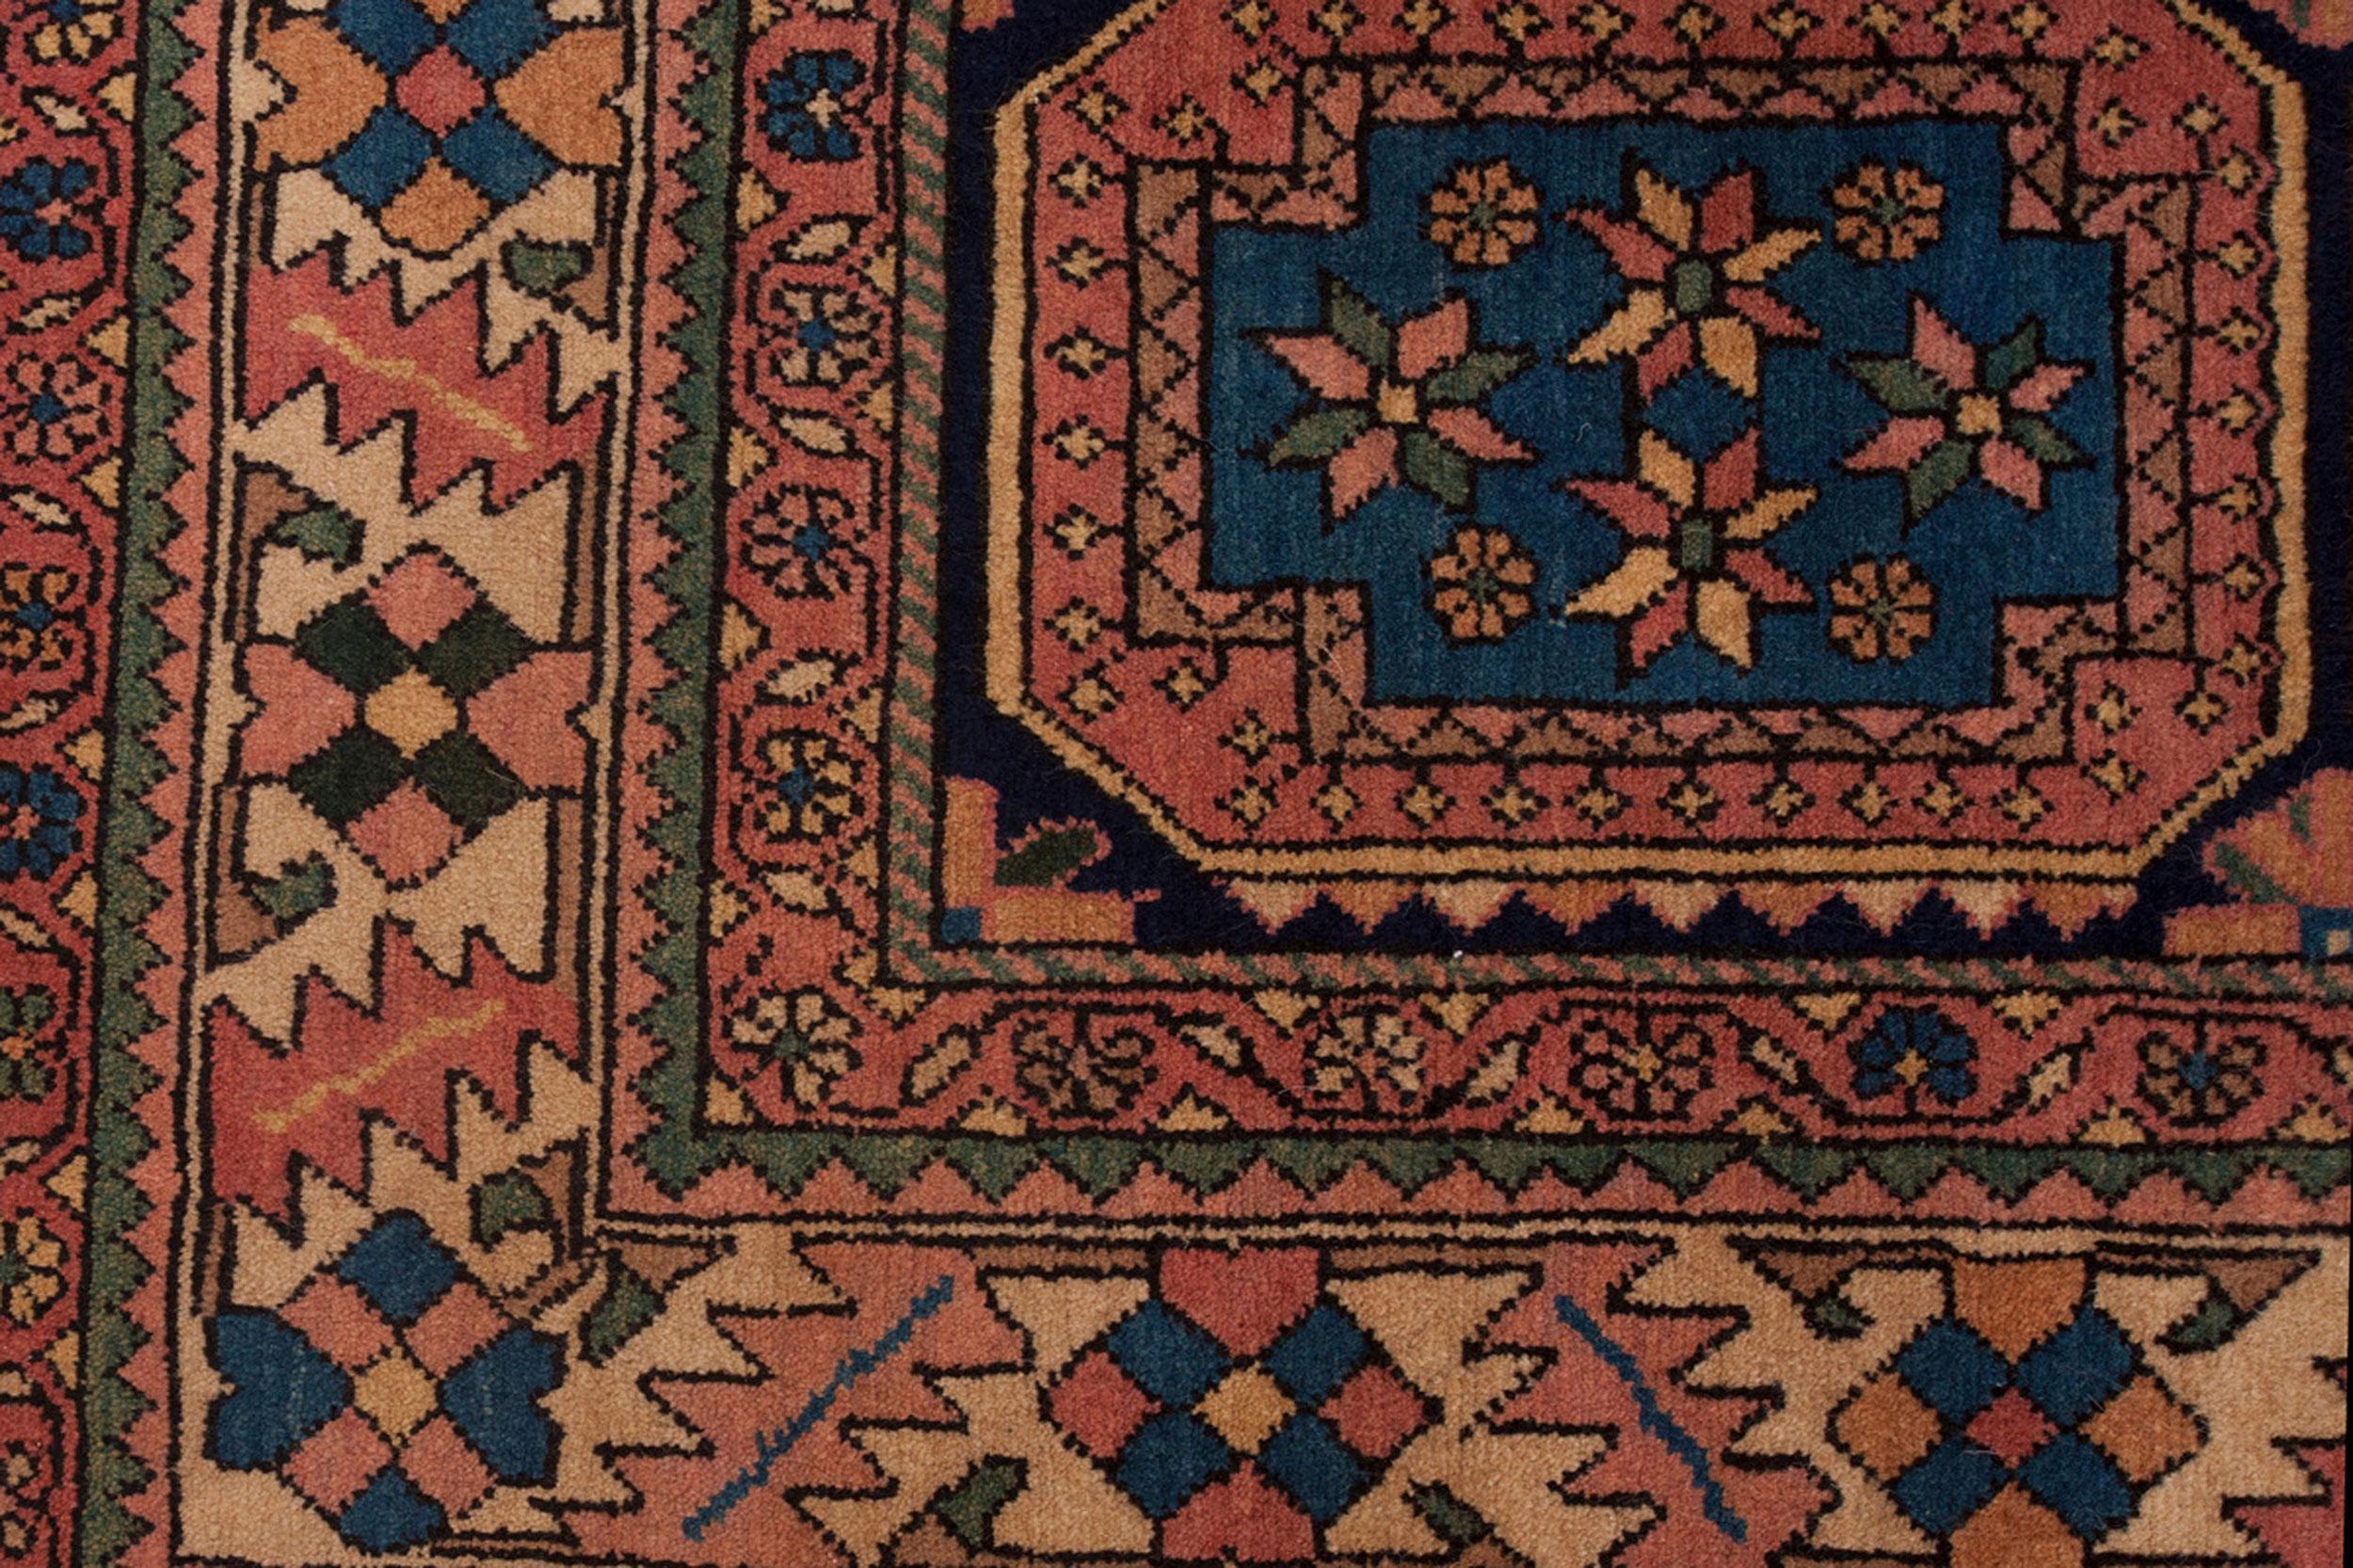 Bakhtiar Rug 205x143cm